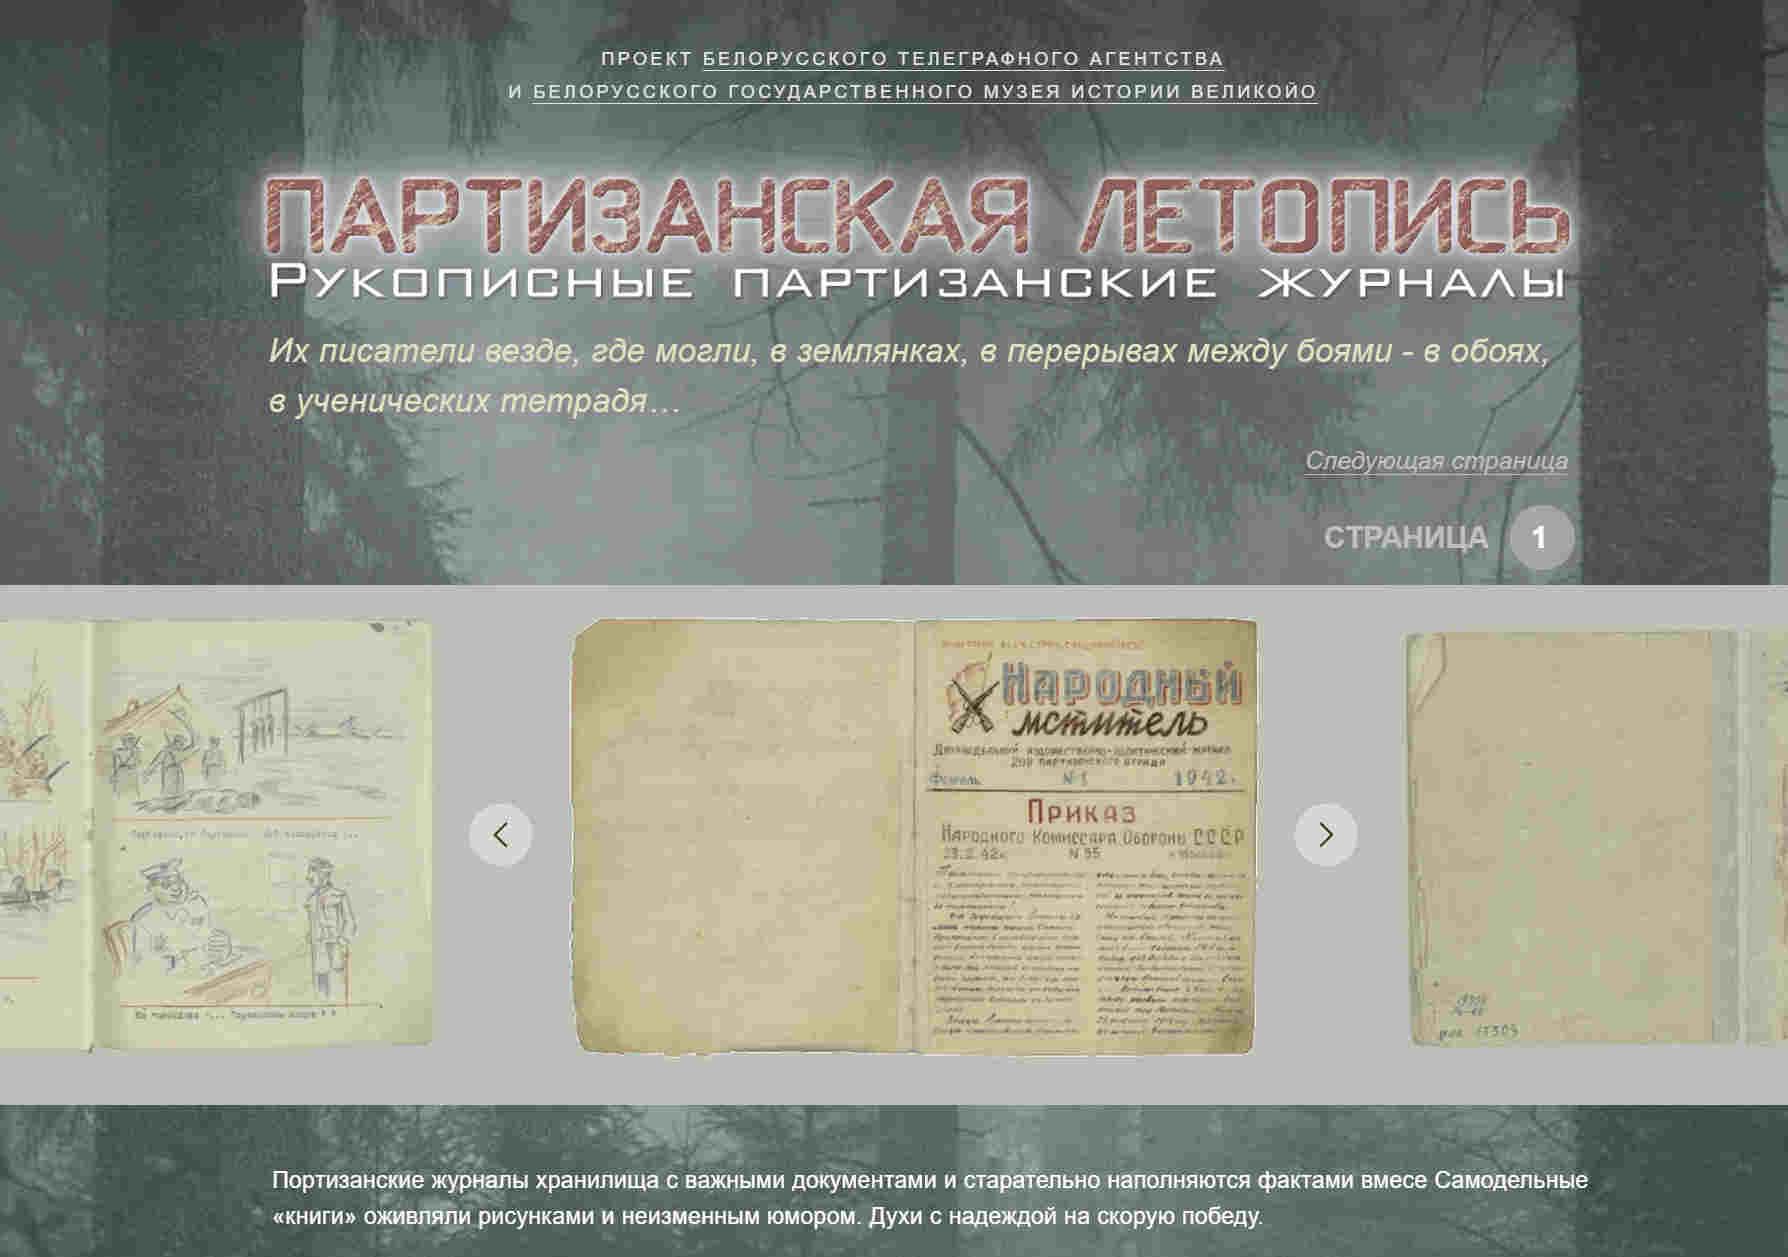 https://web-landia.ru/images/partizan_letopis.jpg